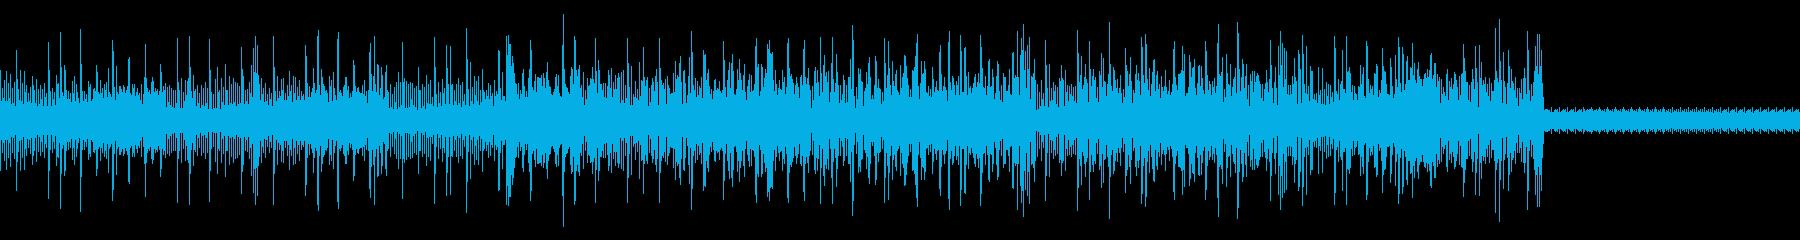 エレクトロニック サスペンス 繰り...の再生済みの波形